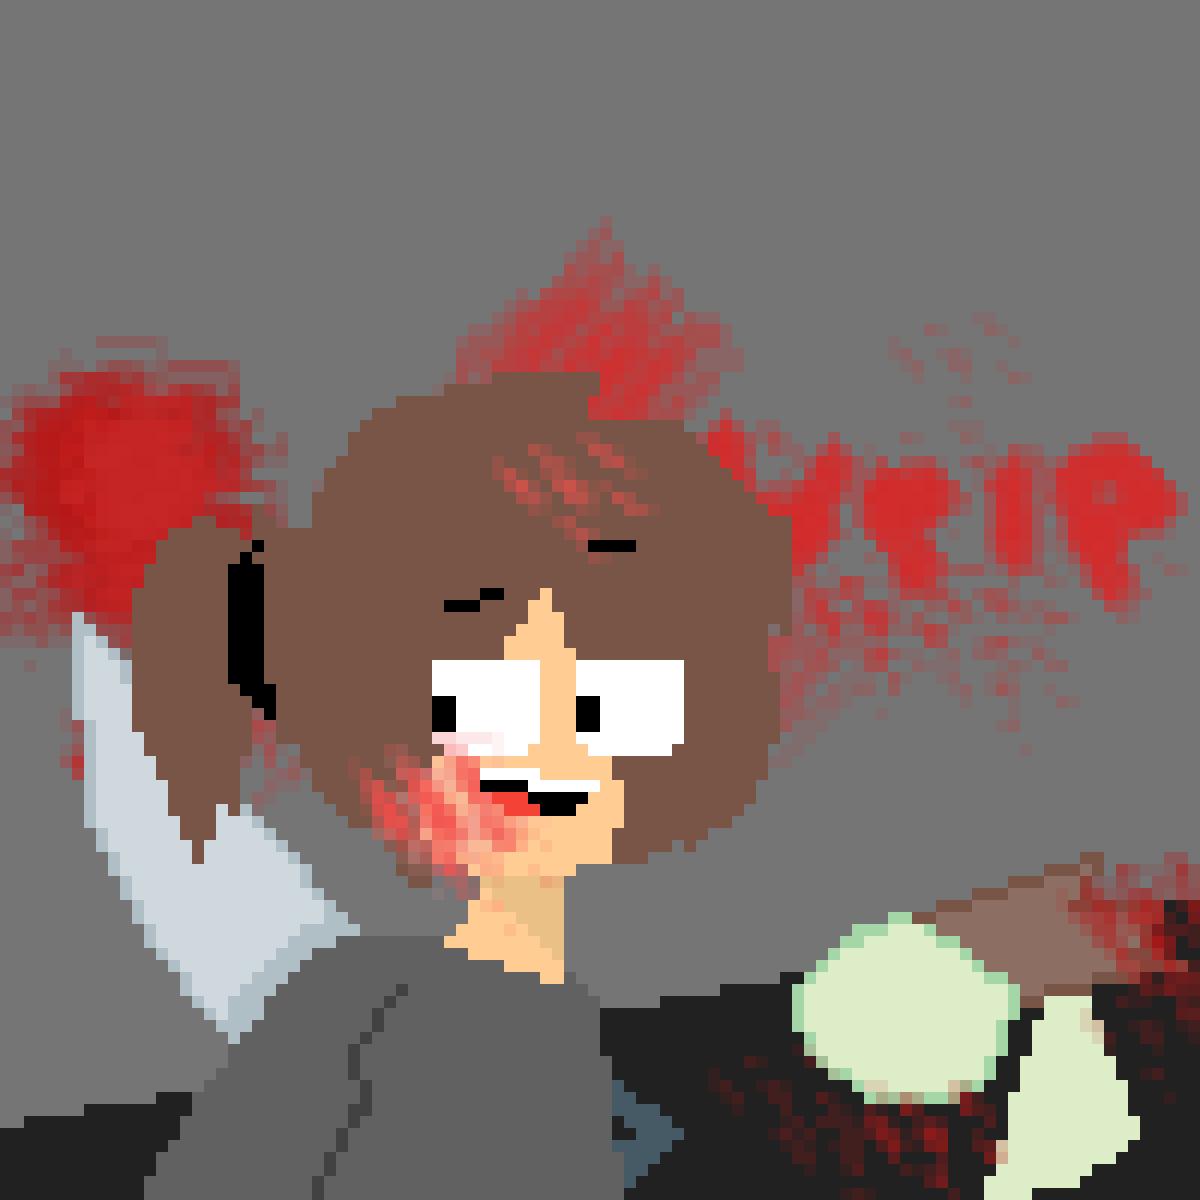 Zombie apocalypse by Nerdyartist65